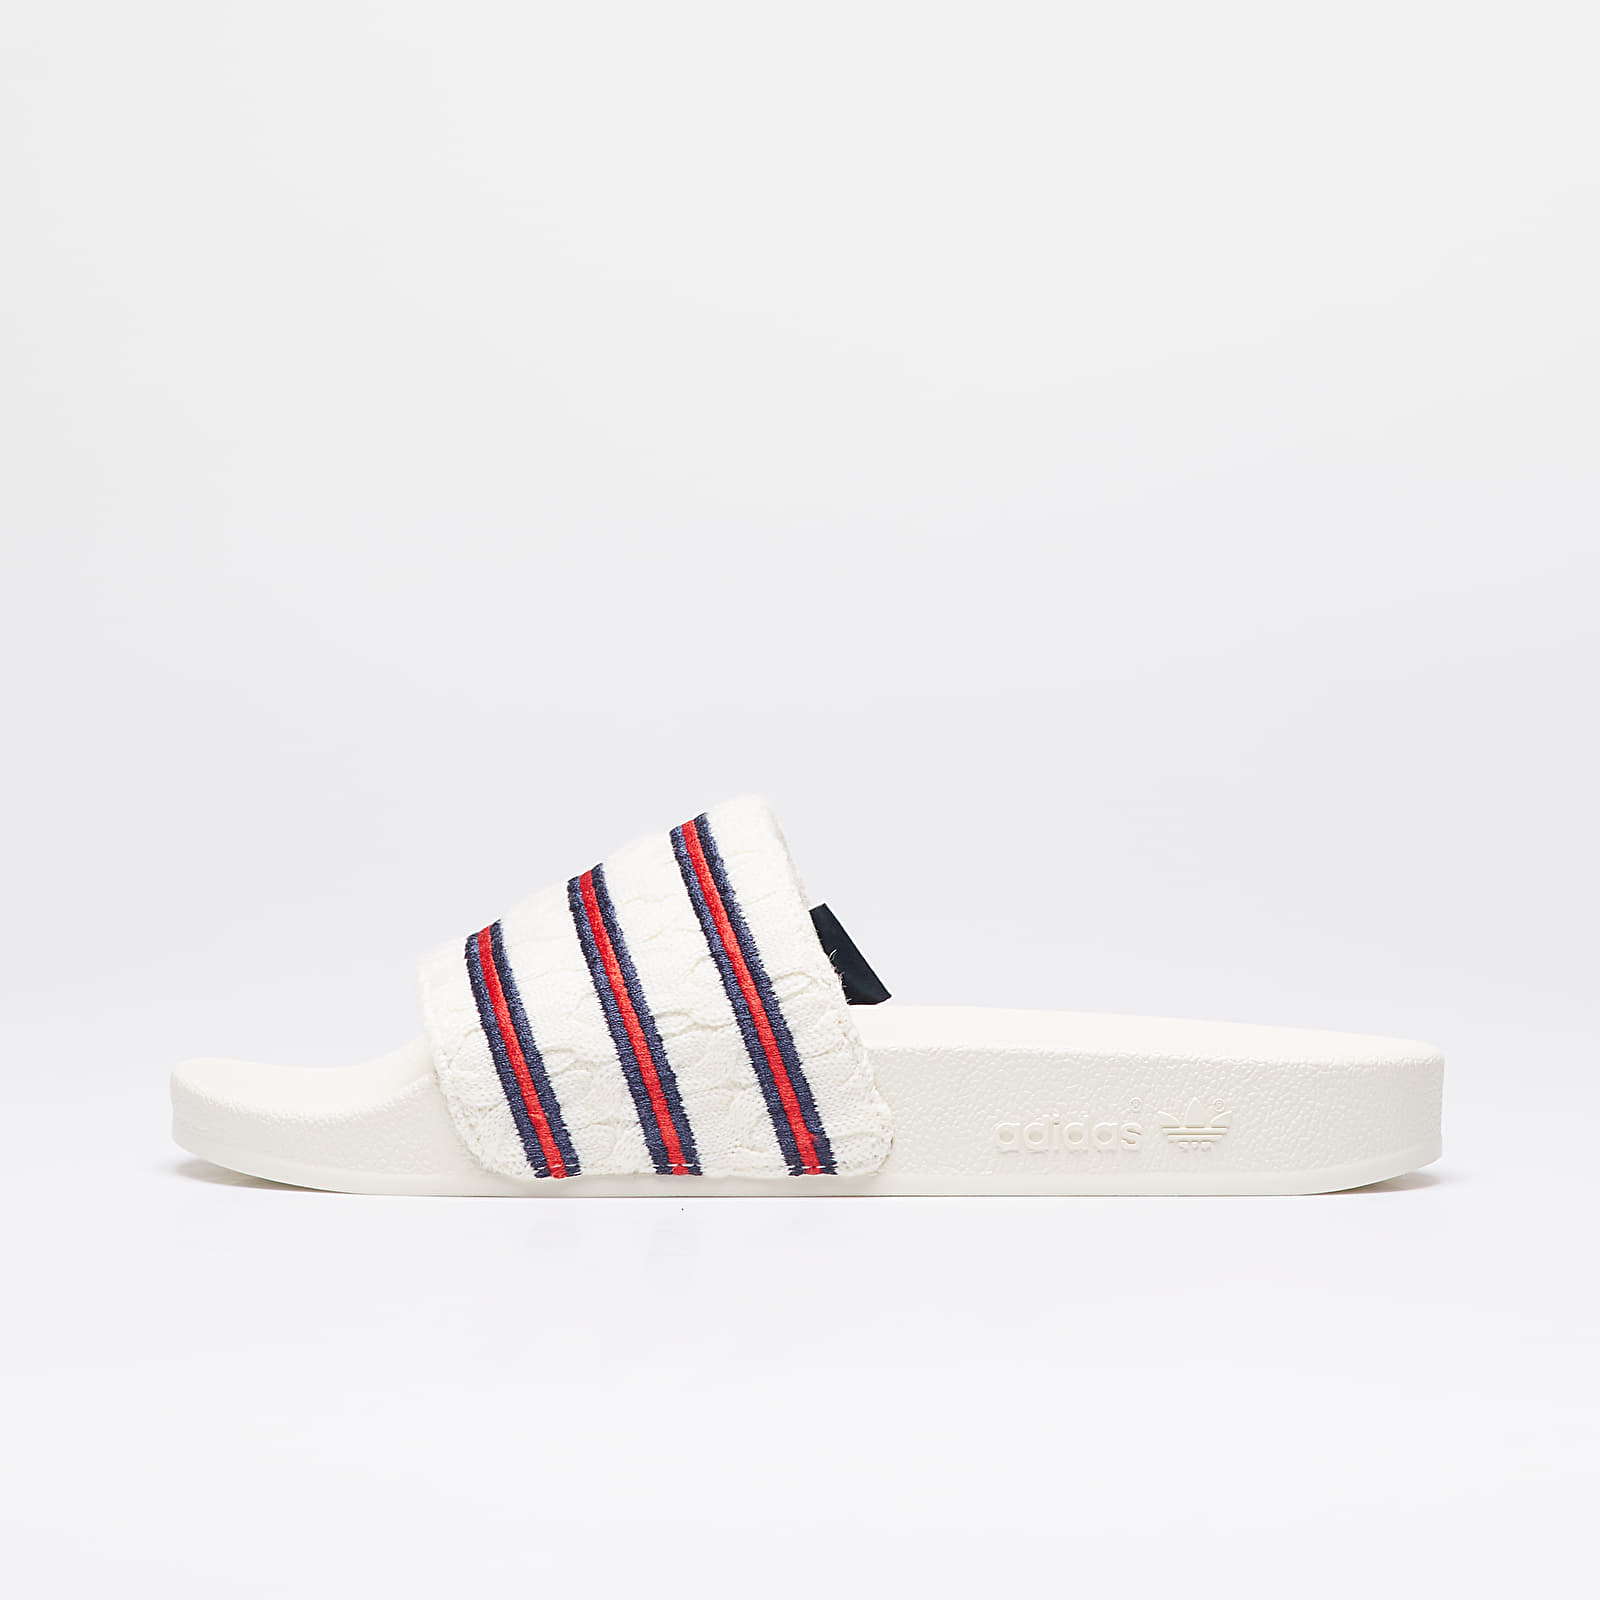 Încălțăminte și sneakerși pentru bărbați adidas Consortium x Extra Butter Adilette Off White/ Collegiate Royal/ Off White